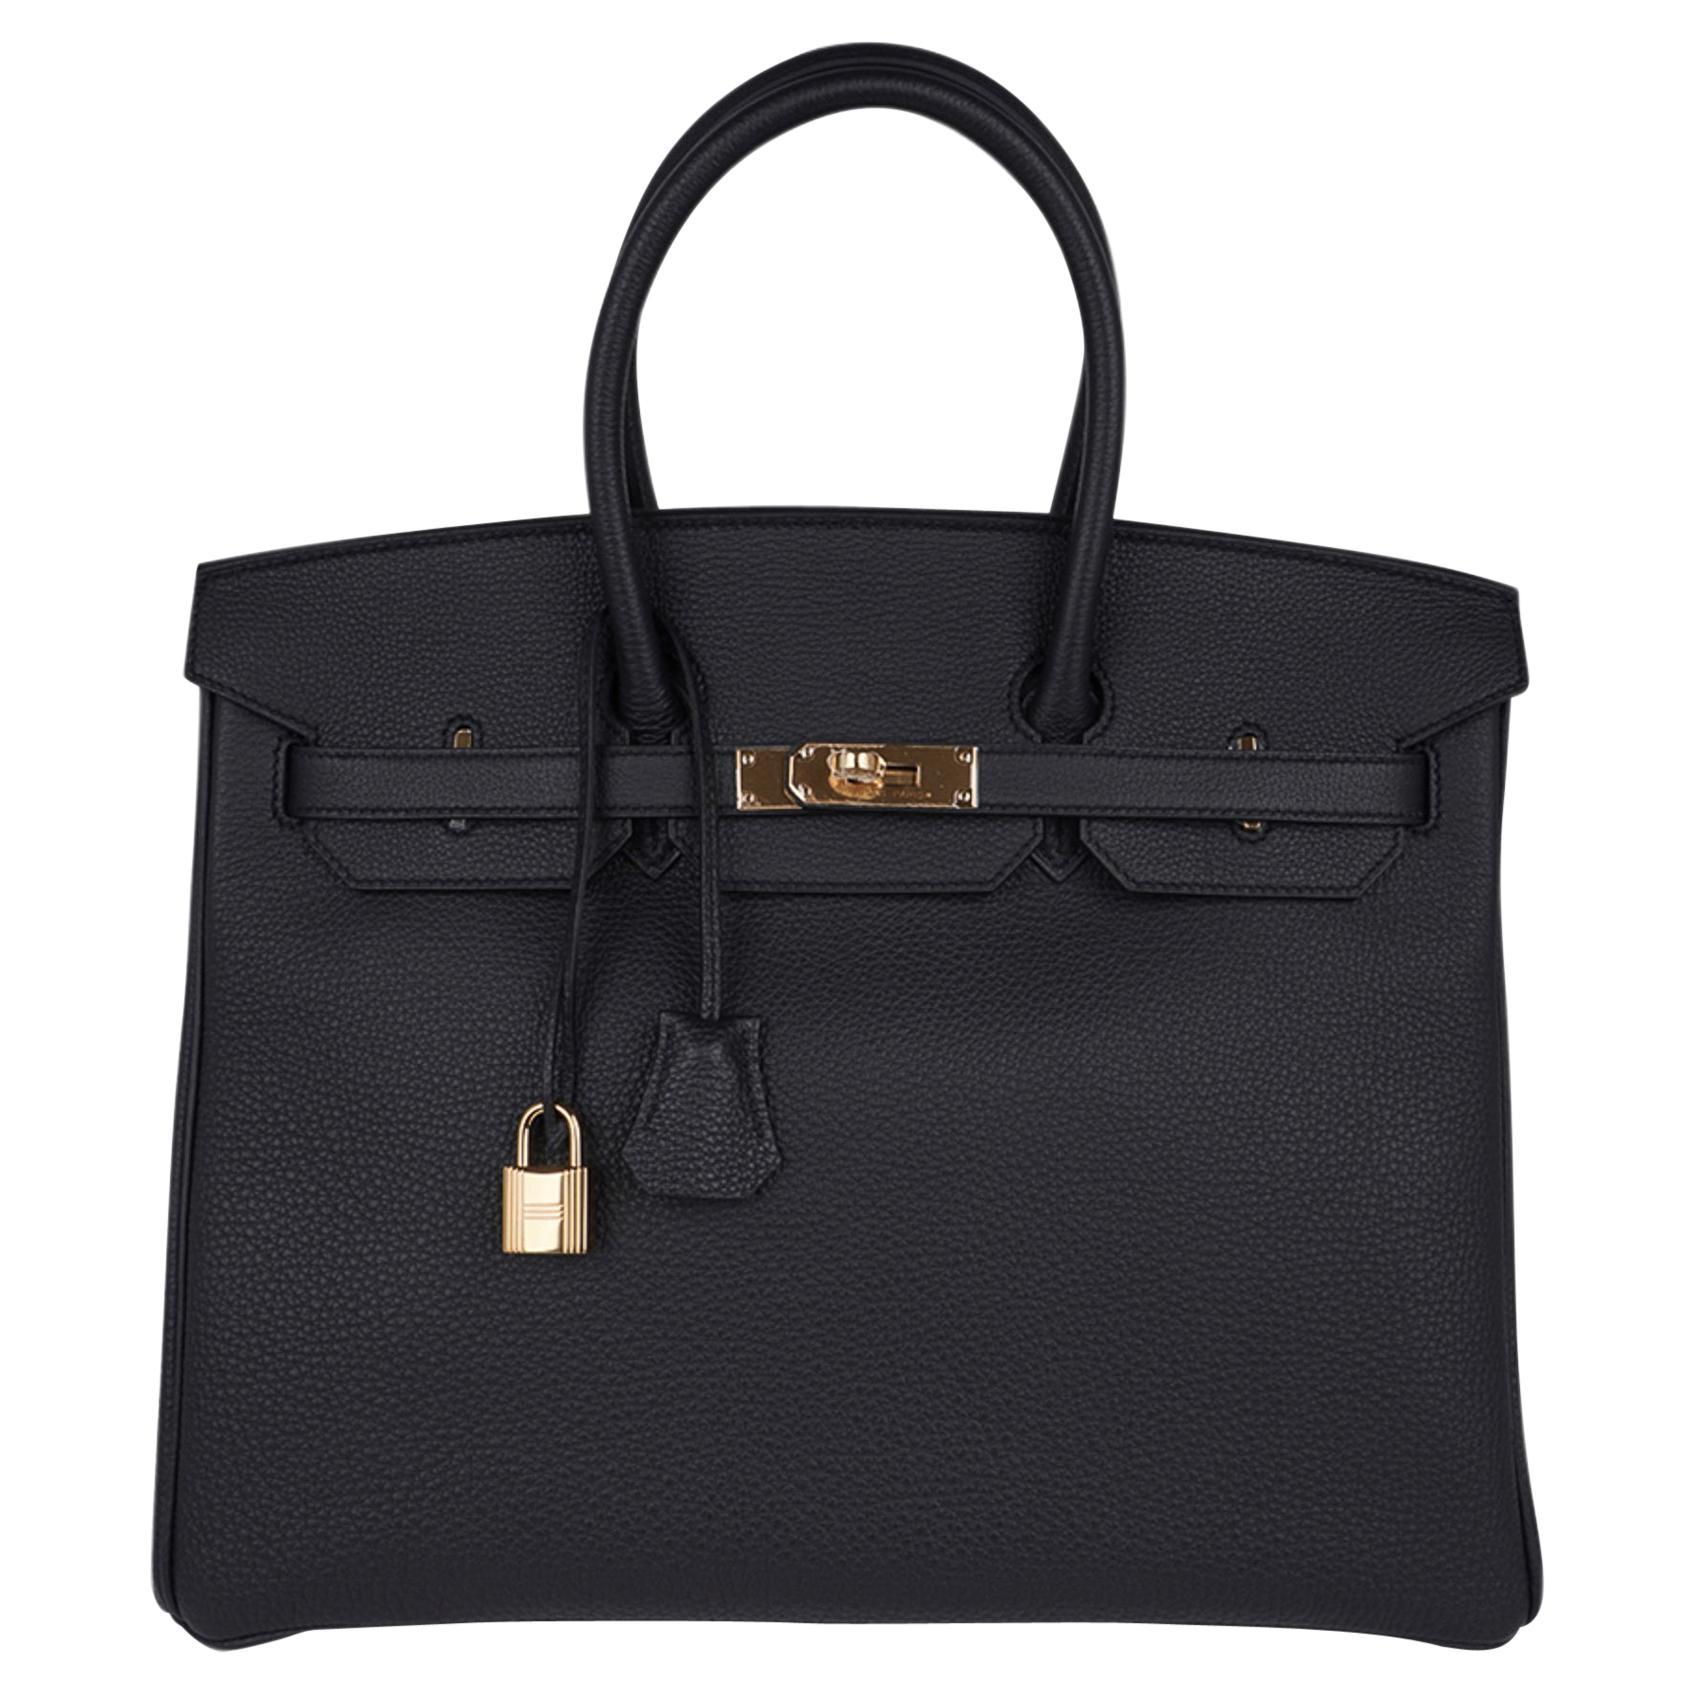 Hermes Birkin 35 Bag Limited Edition Plomb (Off Black) Togo Gold Hardware